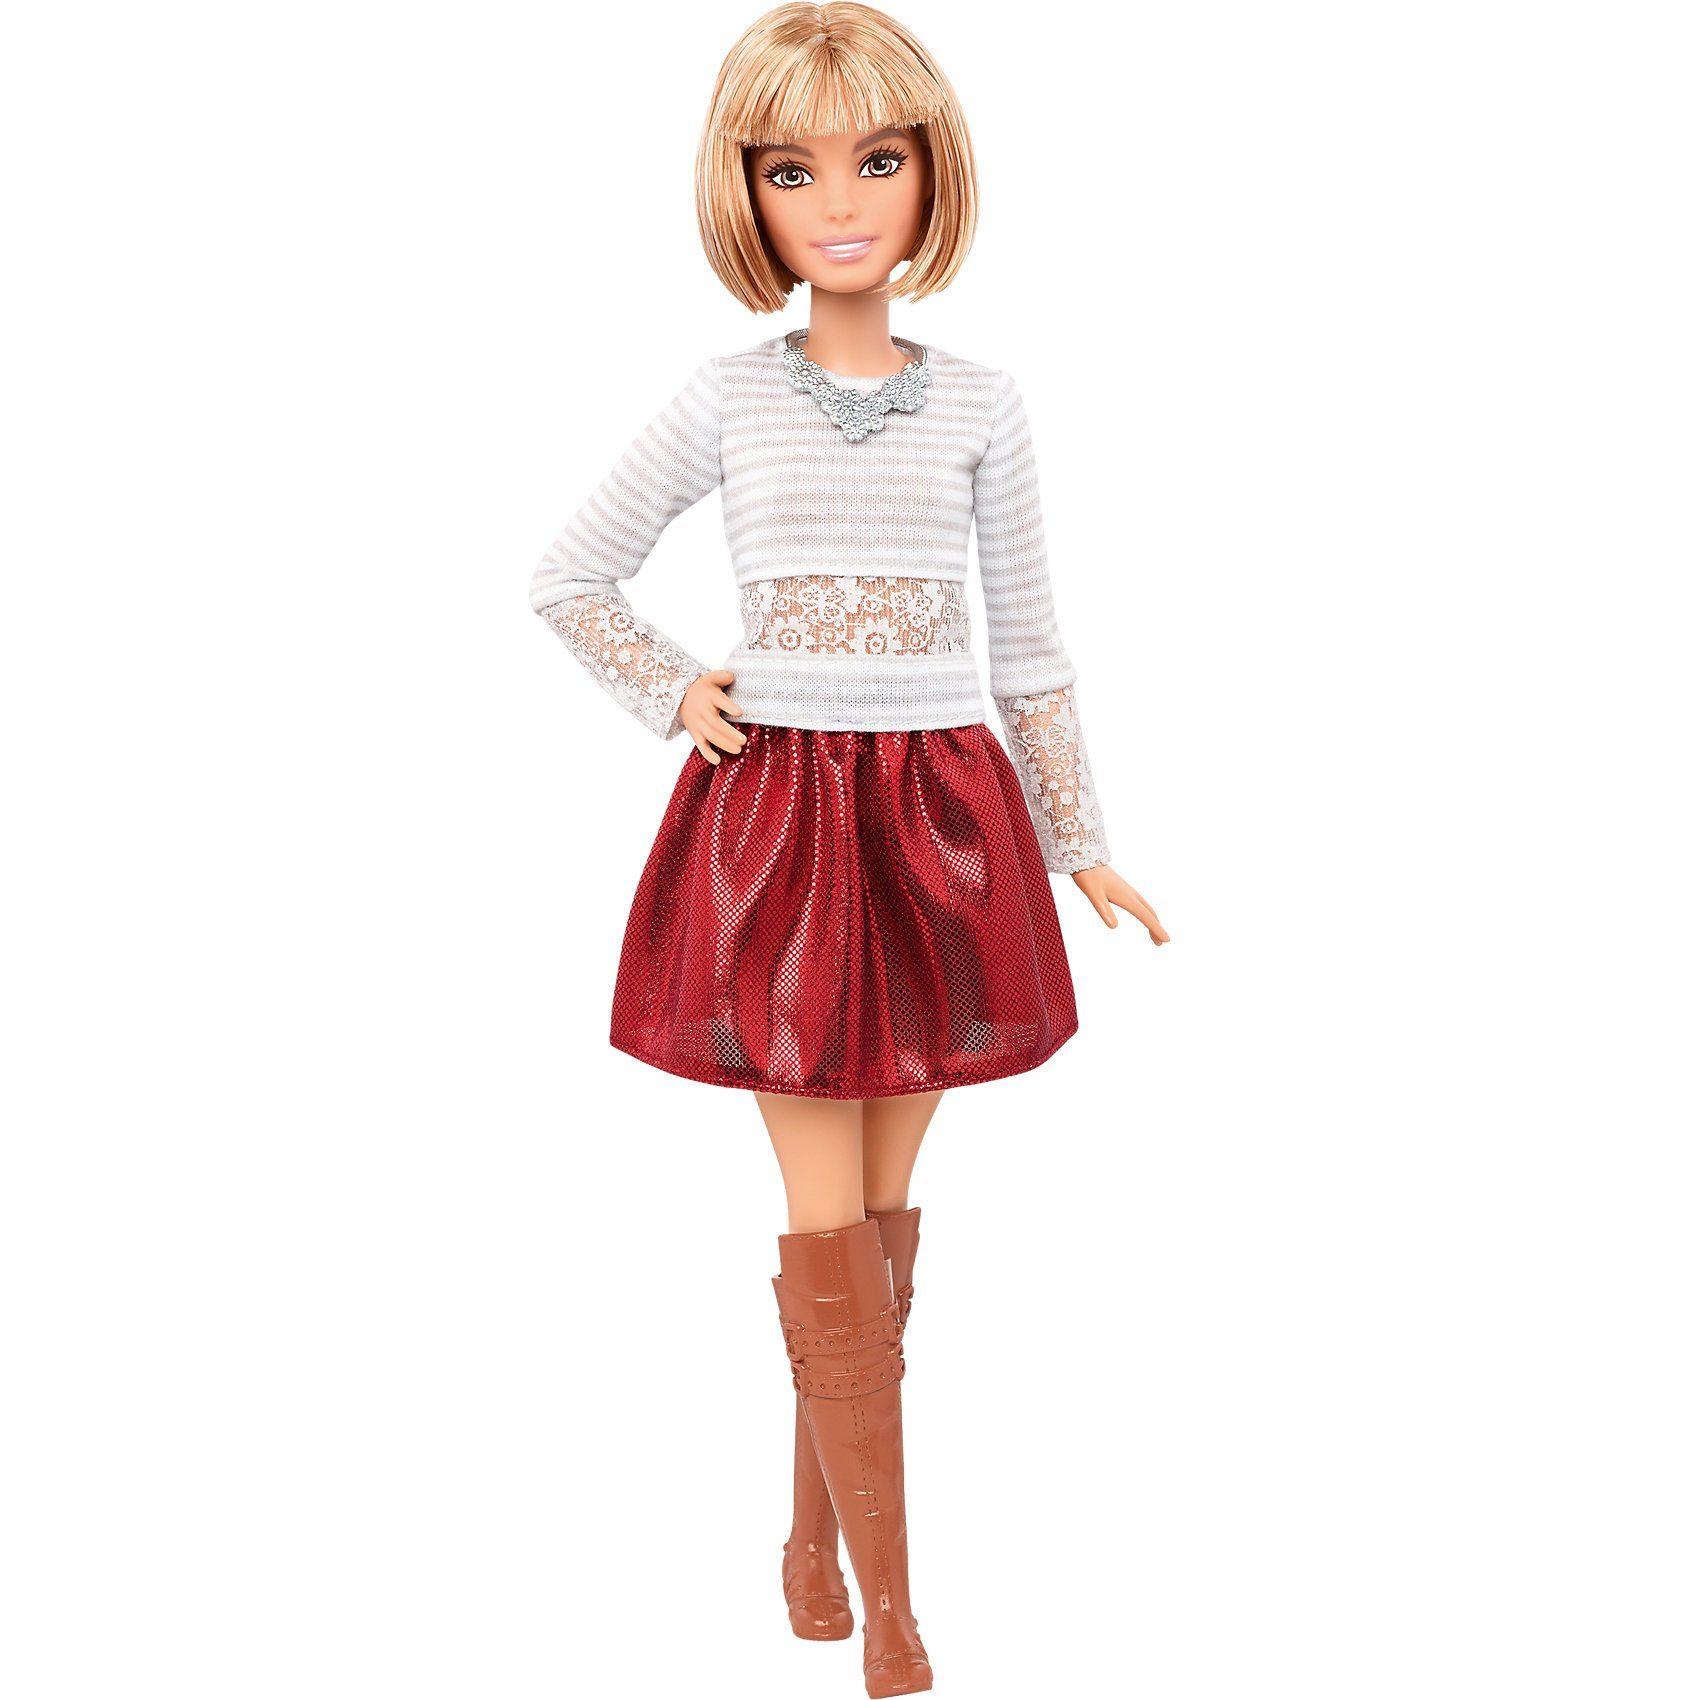 Mattel Fashionista mit grauem Spitzen-Top